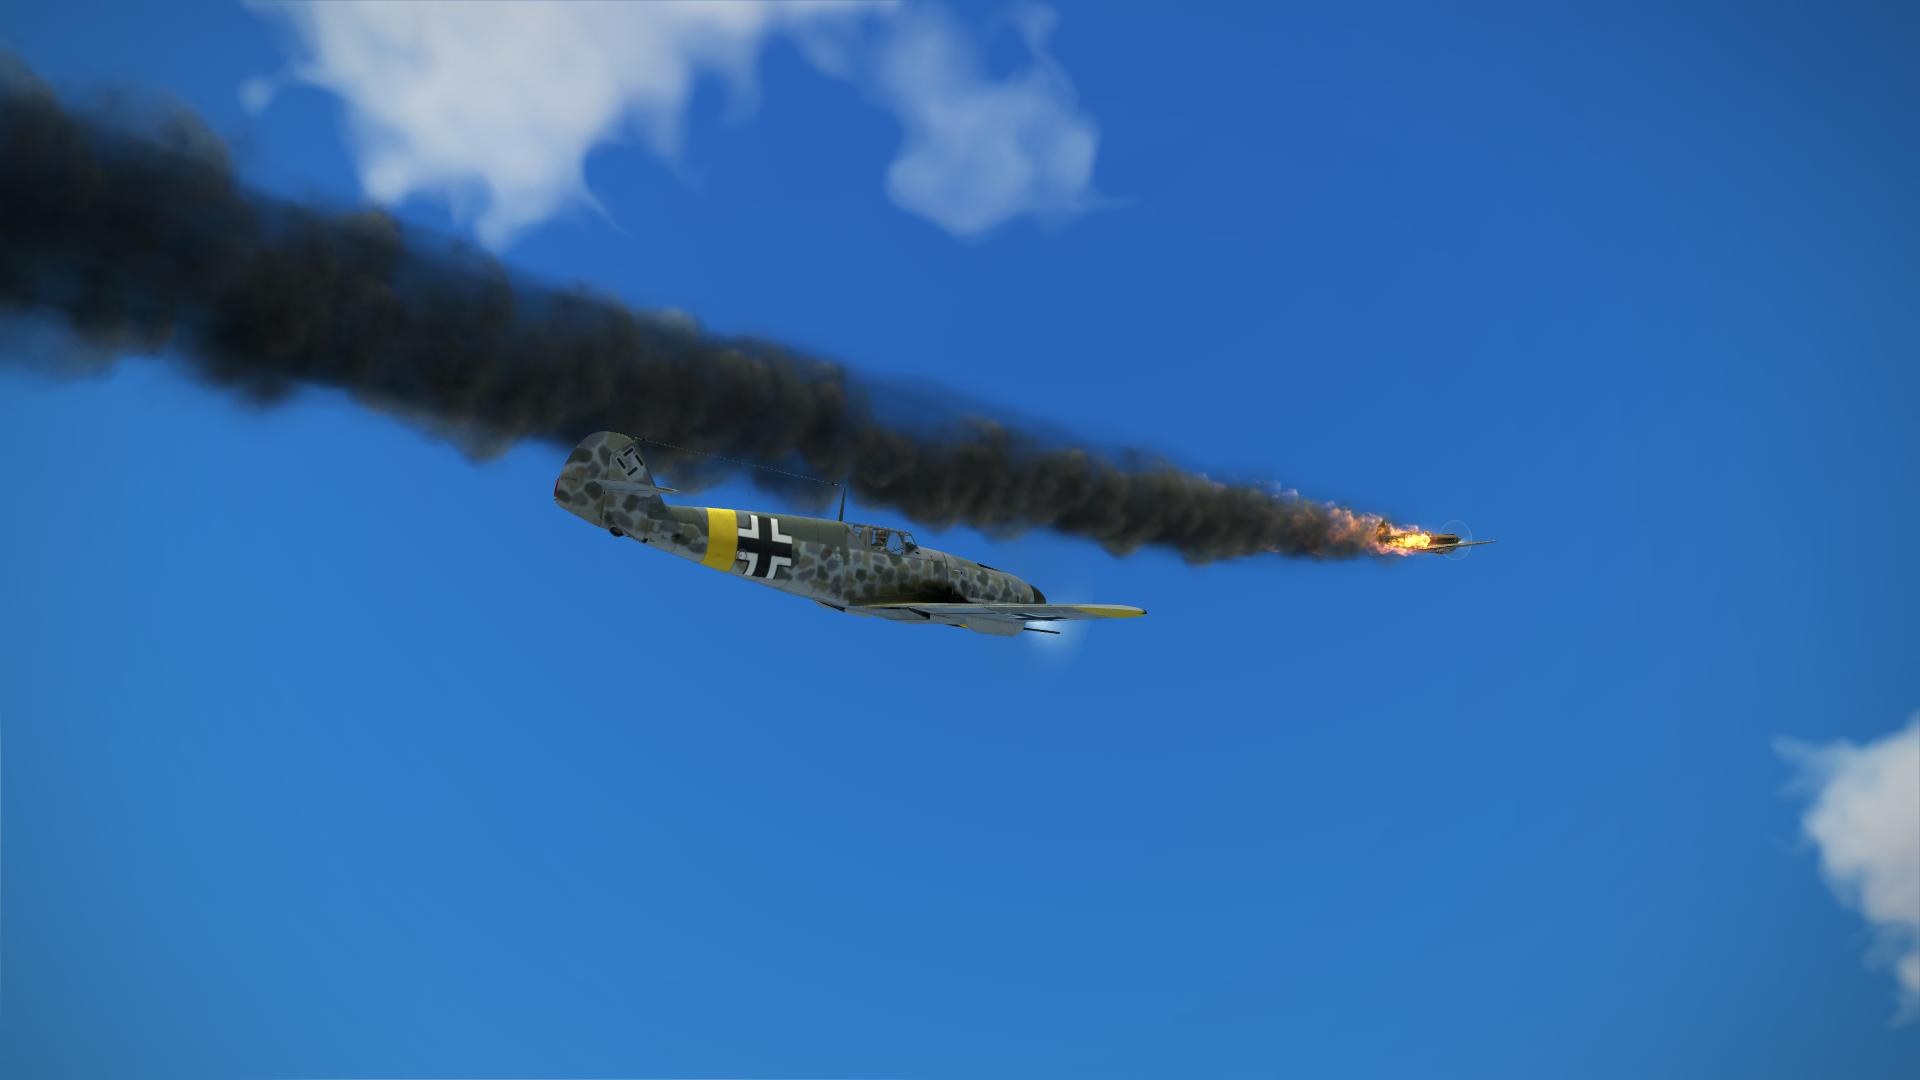 IL-2 Sturmovik Battle of Stalingrad Screenshot 2020.03.24 - 22.44.54.61.png